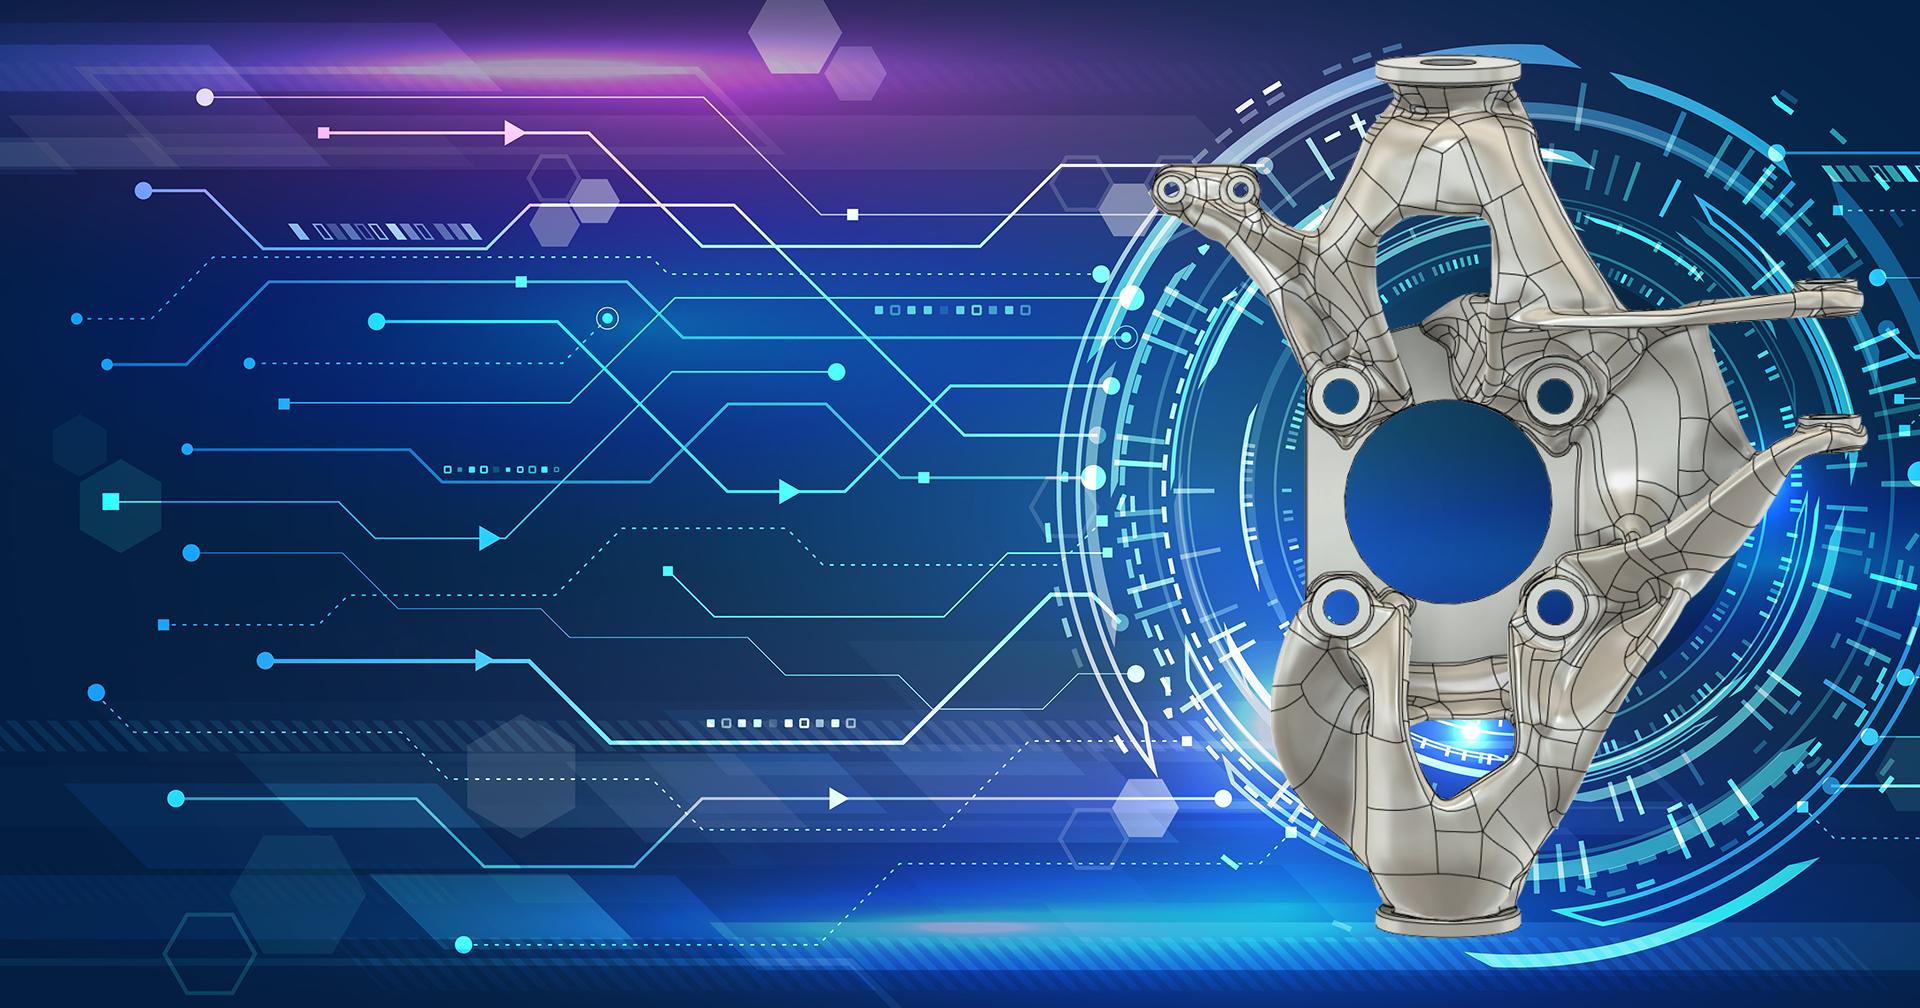 Closed Loop Engineering für agile, effiziente Mobilitätskonzepte von morgen